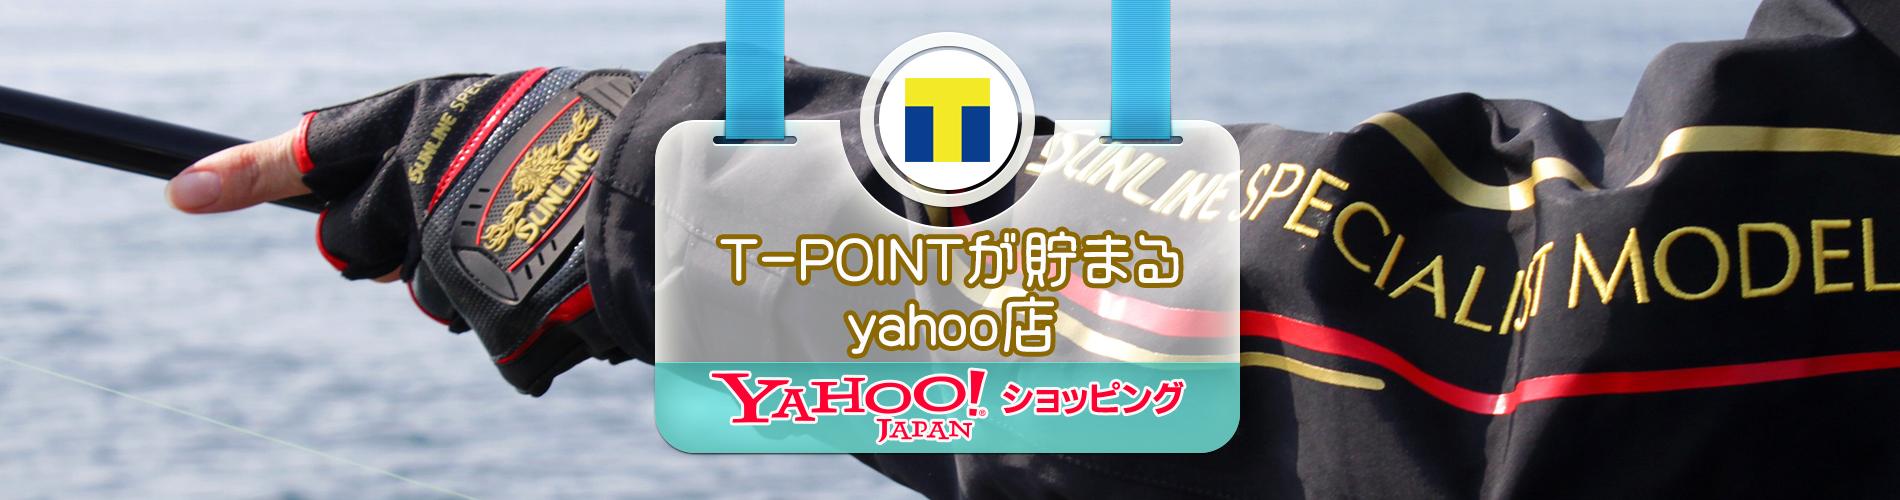 彦星フィッシング yahoo店